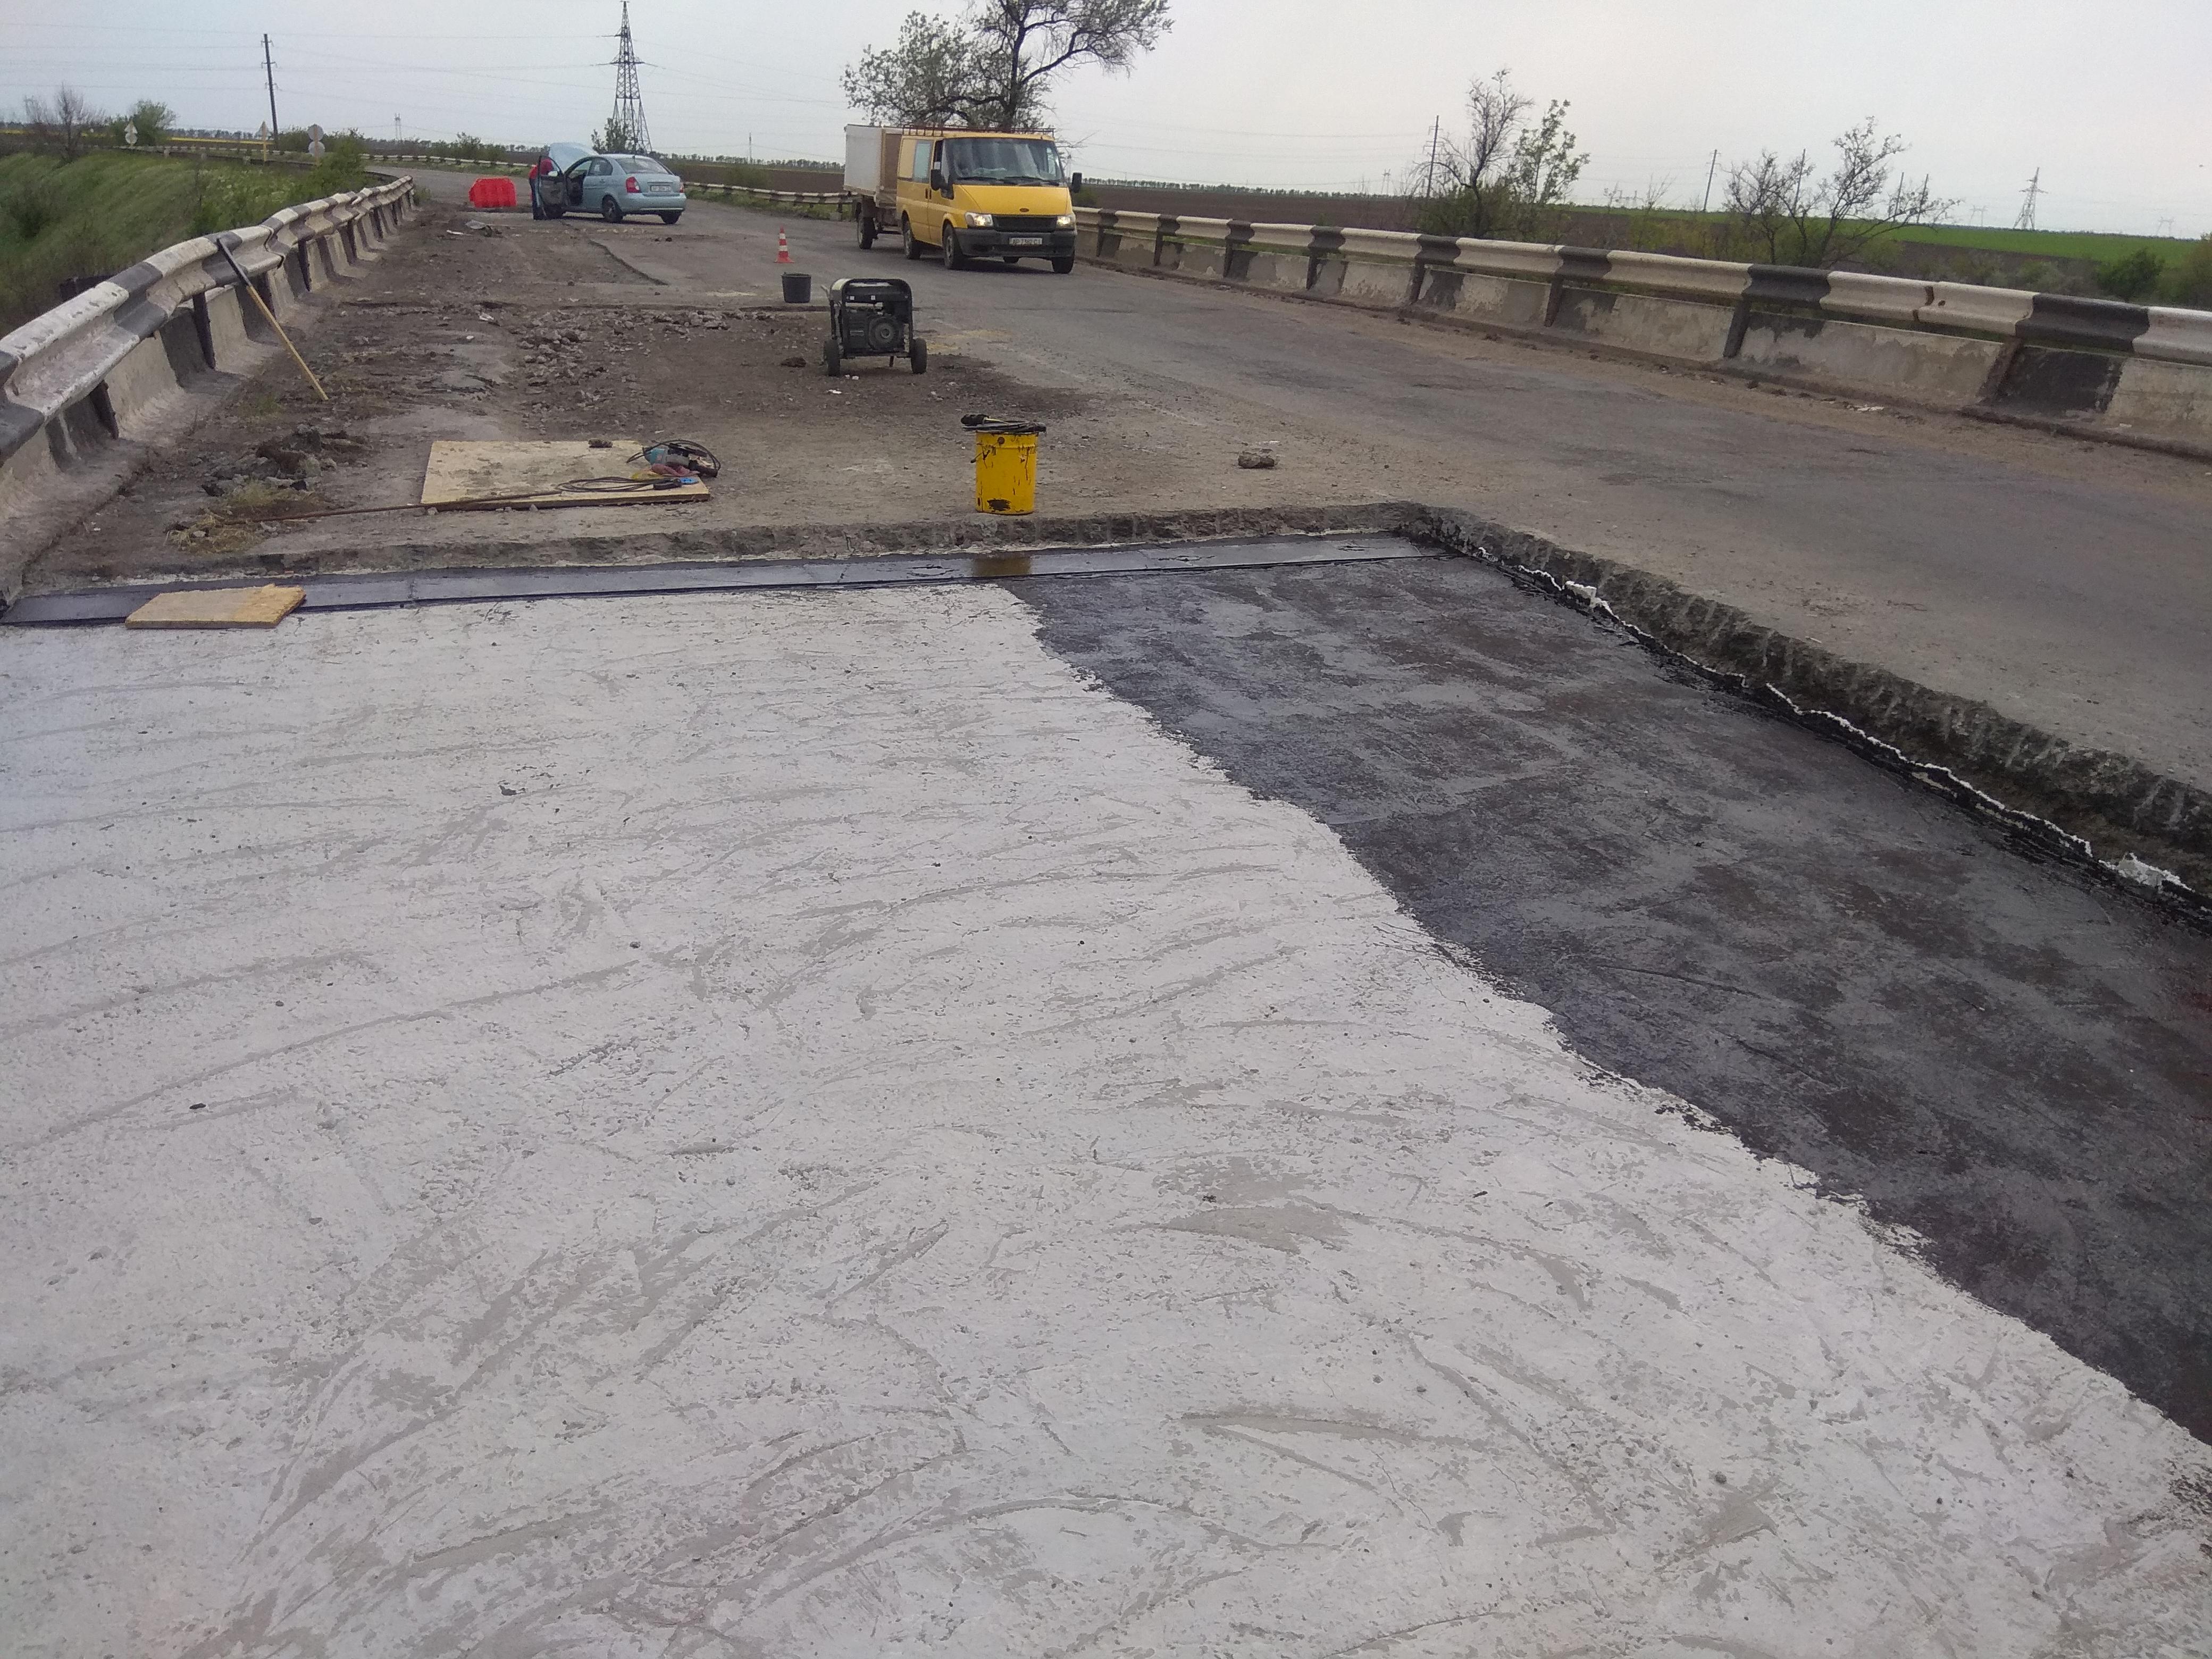 На запорожских трассах продолжаются ремонтные работы: результаты за неделю - ФОТО